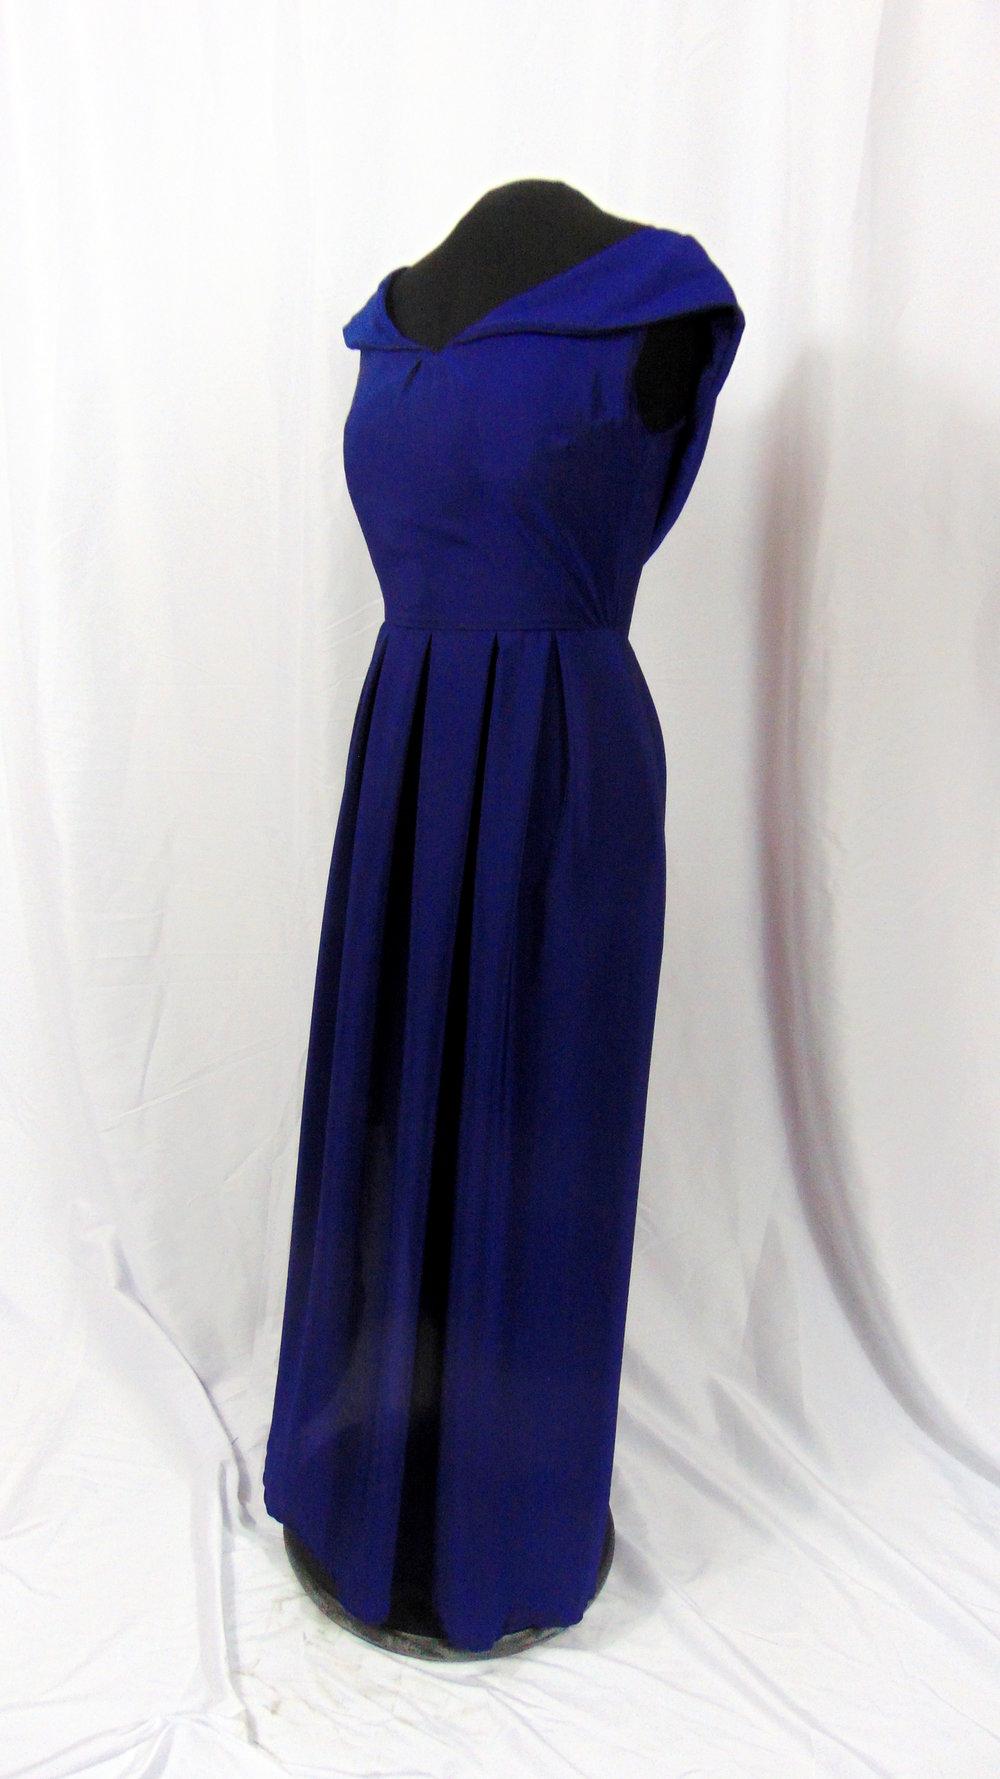 bluedress.JPG